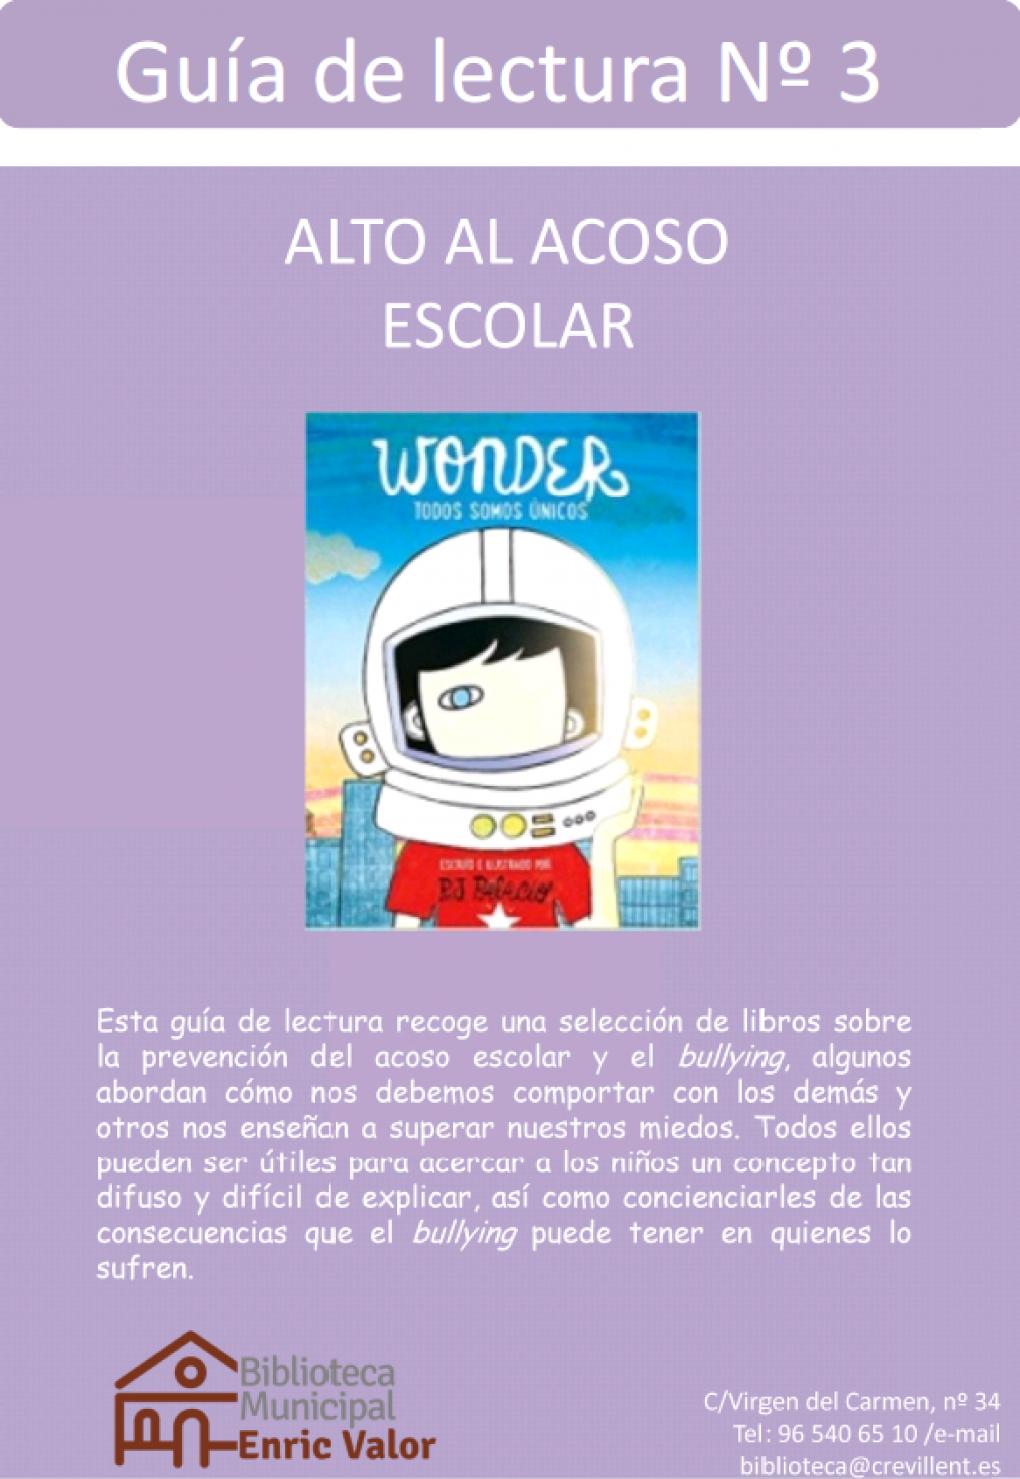 """La Biblioteca Municipal presenta la Guía de Lectura nº3 """"Alto al acoso escolar"""""""